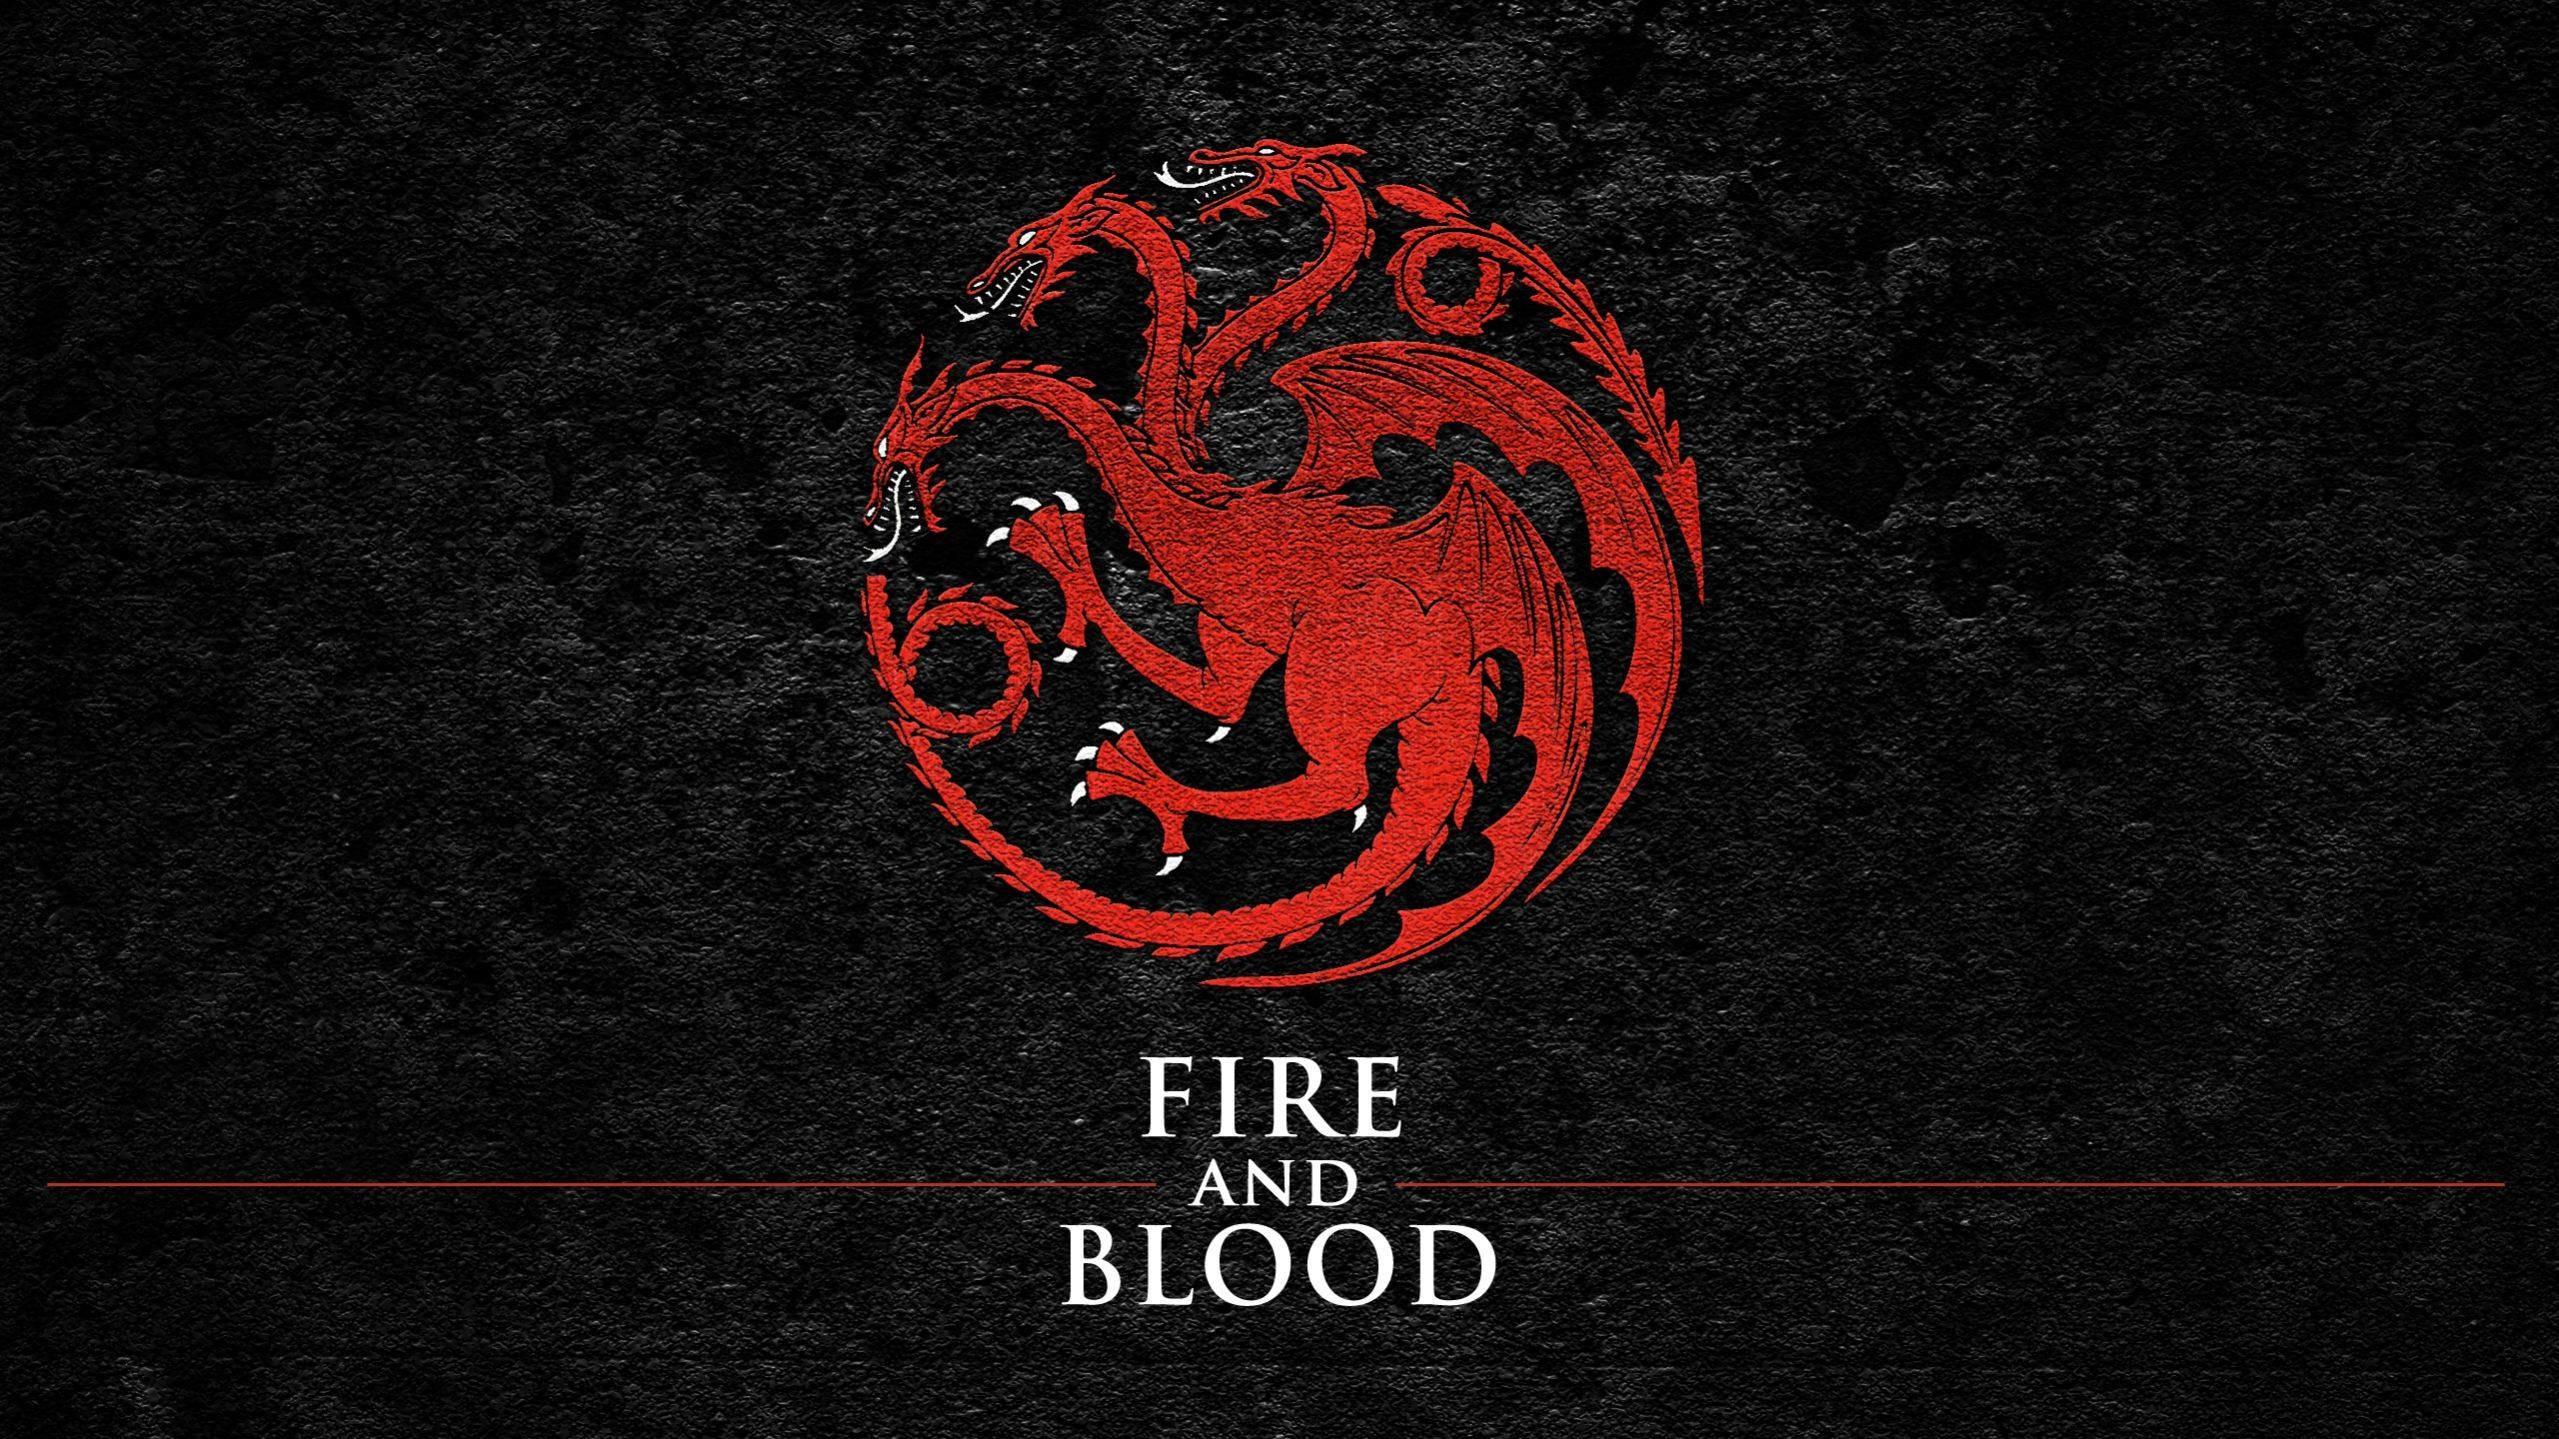 Targaryen Sigil Wallpaper 71 images 2559x1439